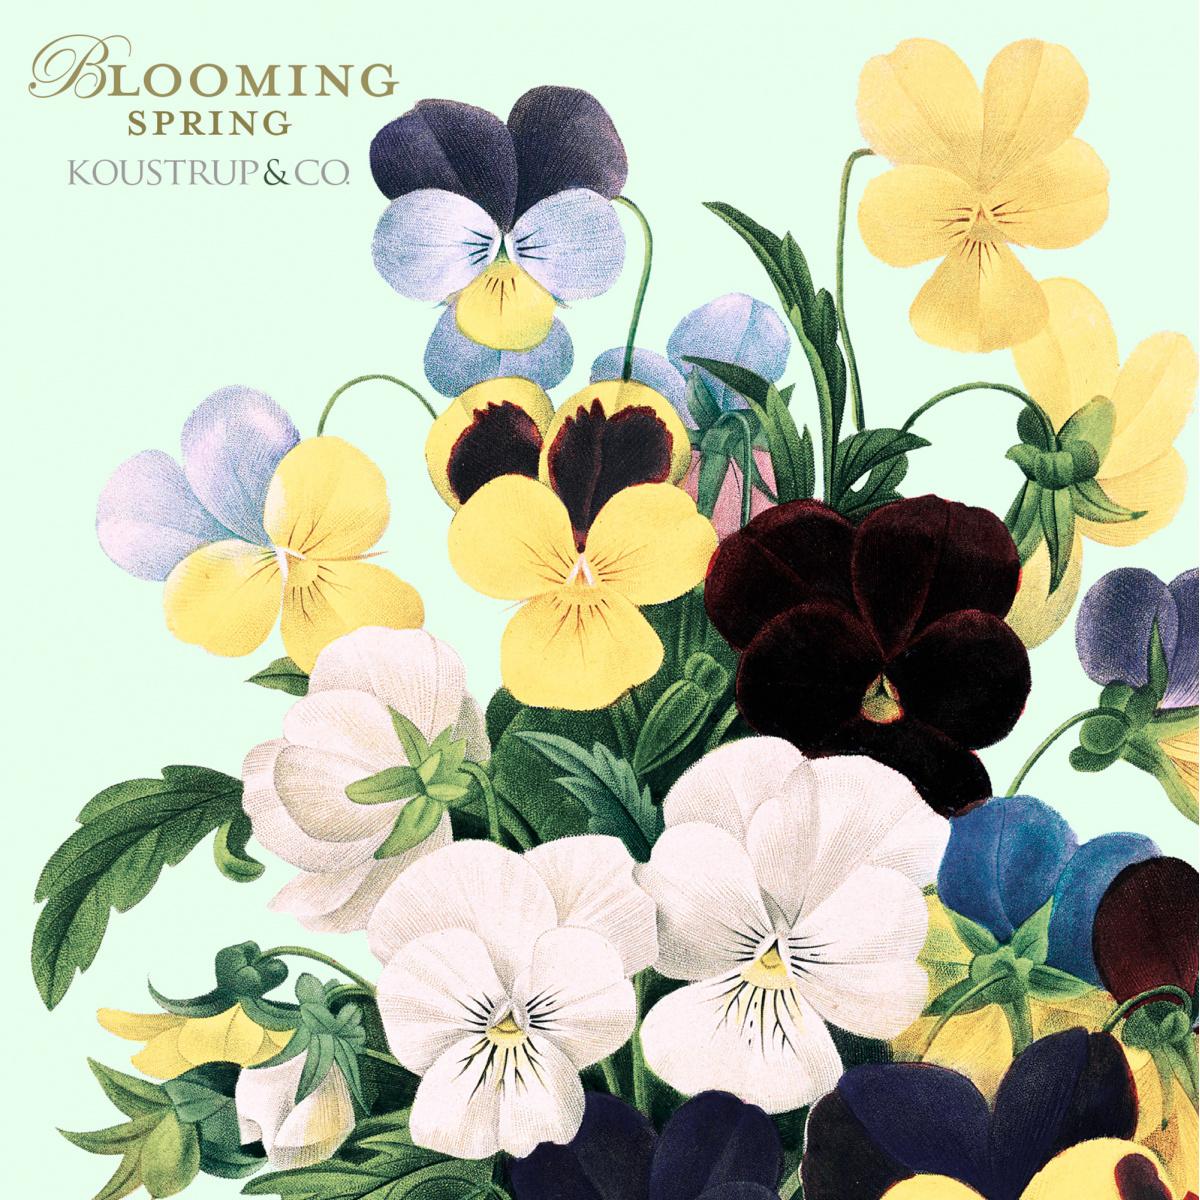 Koustrup & Co. kortmappe - blomstrende forår